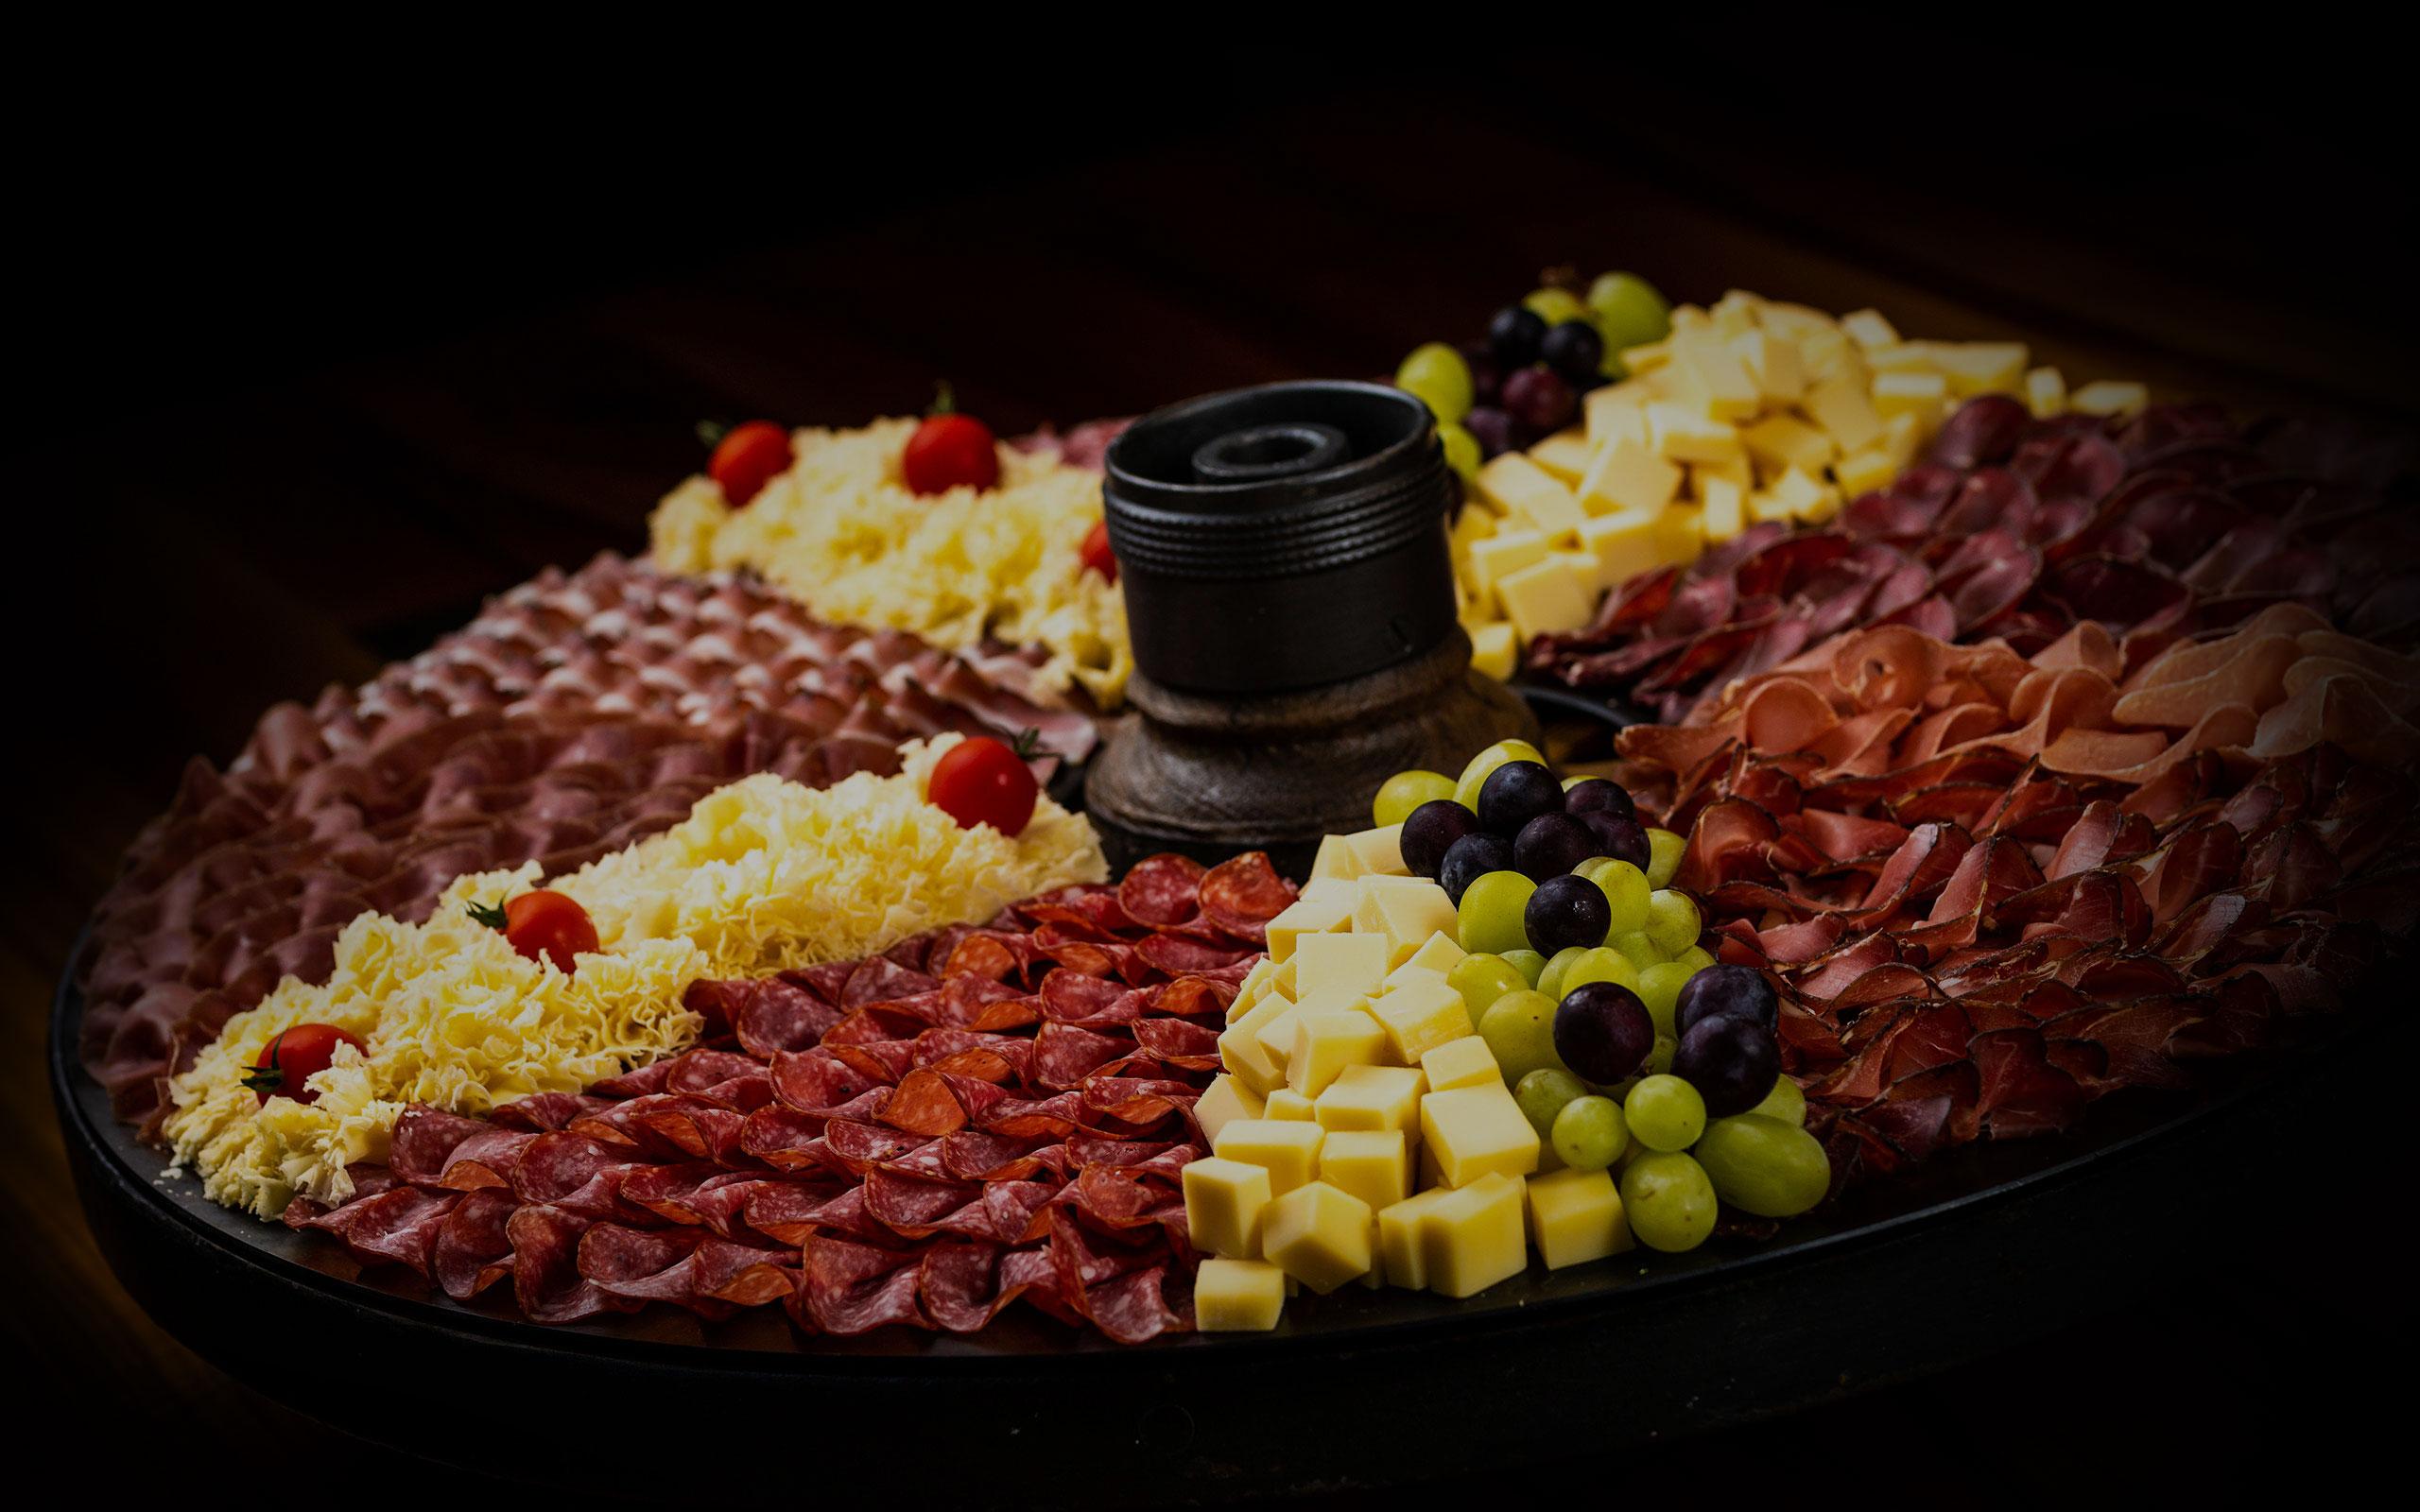 Hirschen Metzg Partyteller angerichtet mit Käse und Aufschnitt